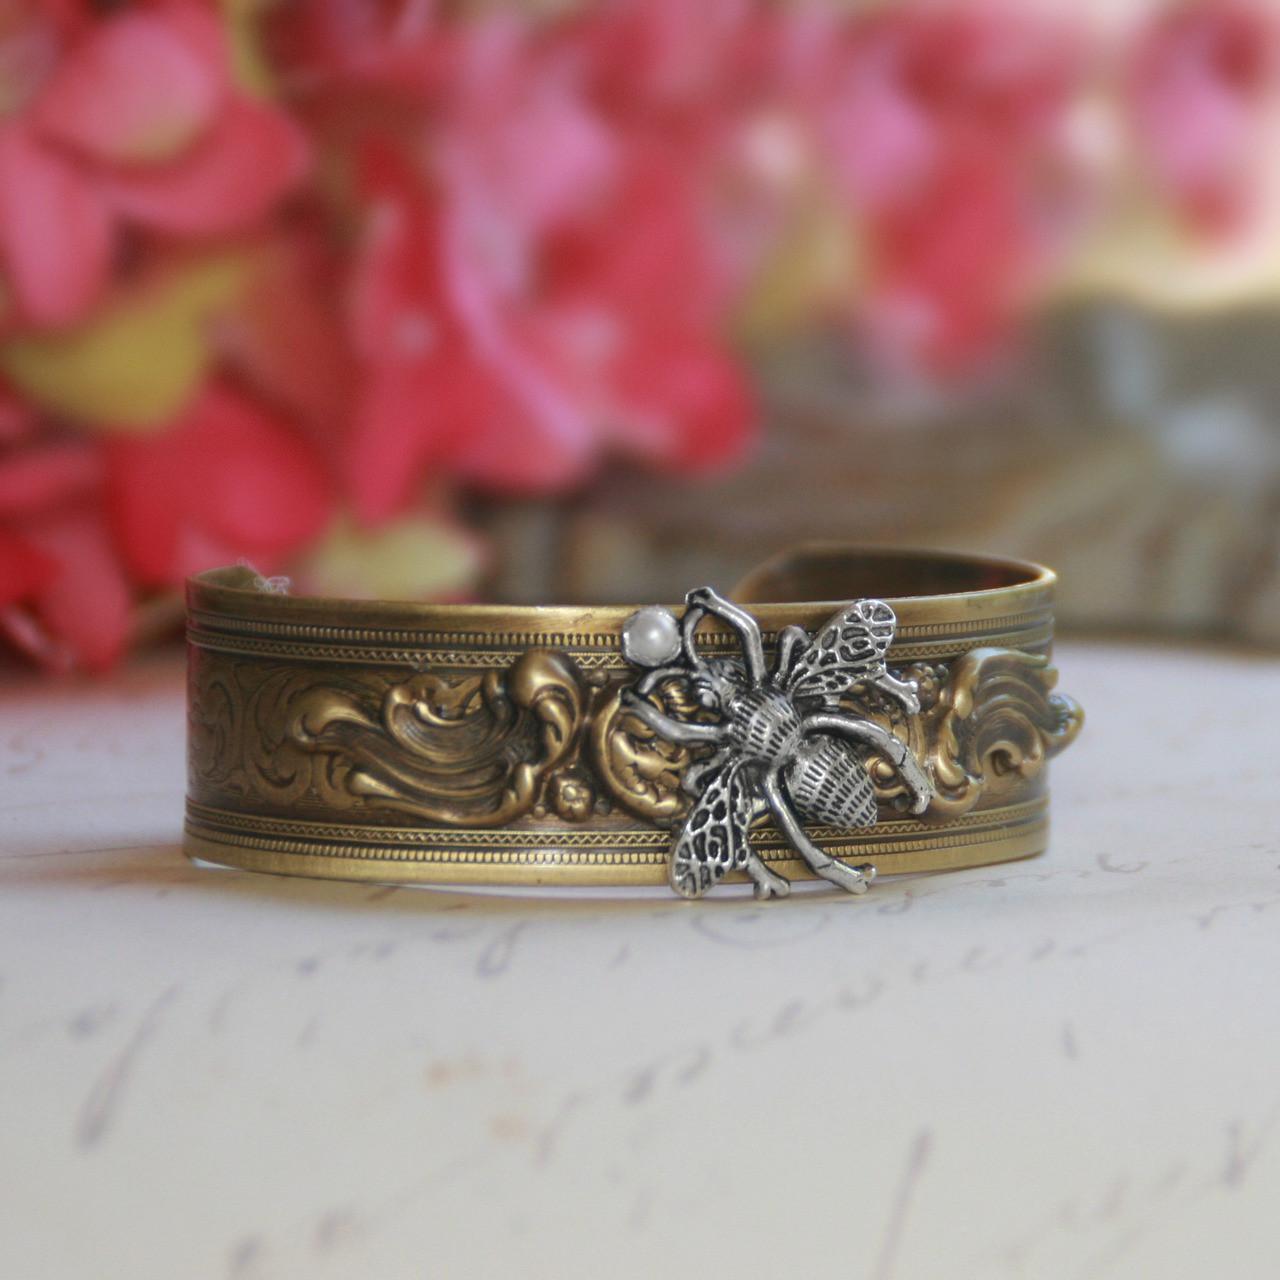 ART-150  Vintage Style Bee Cuff Bracelet